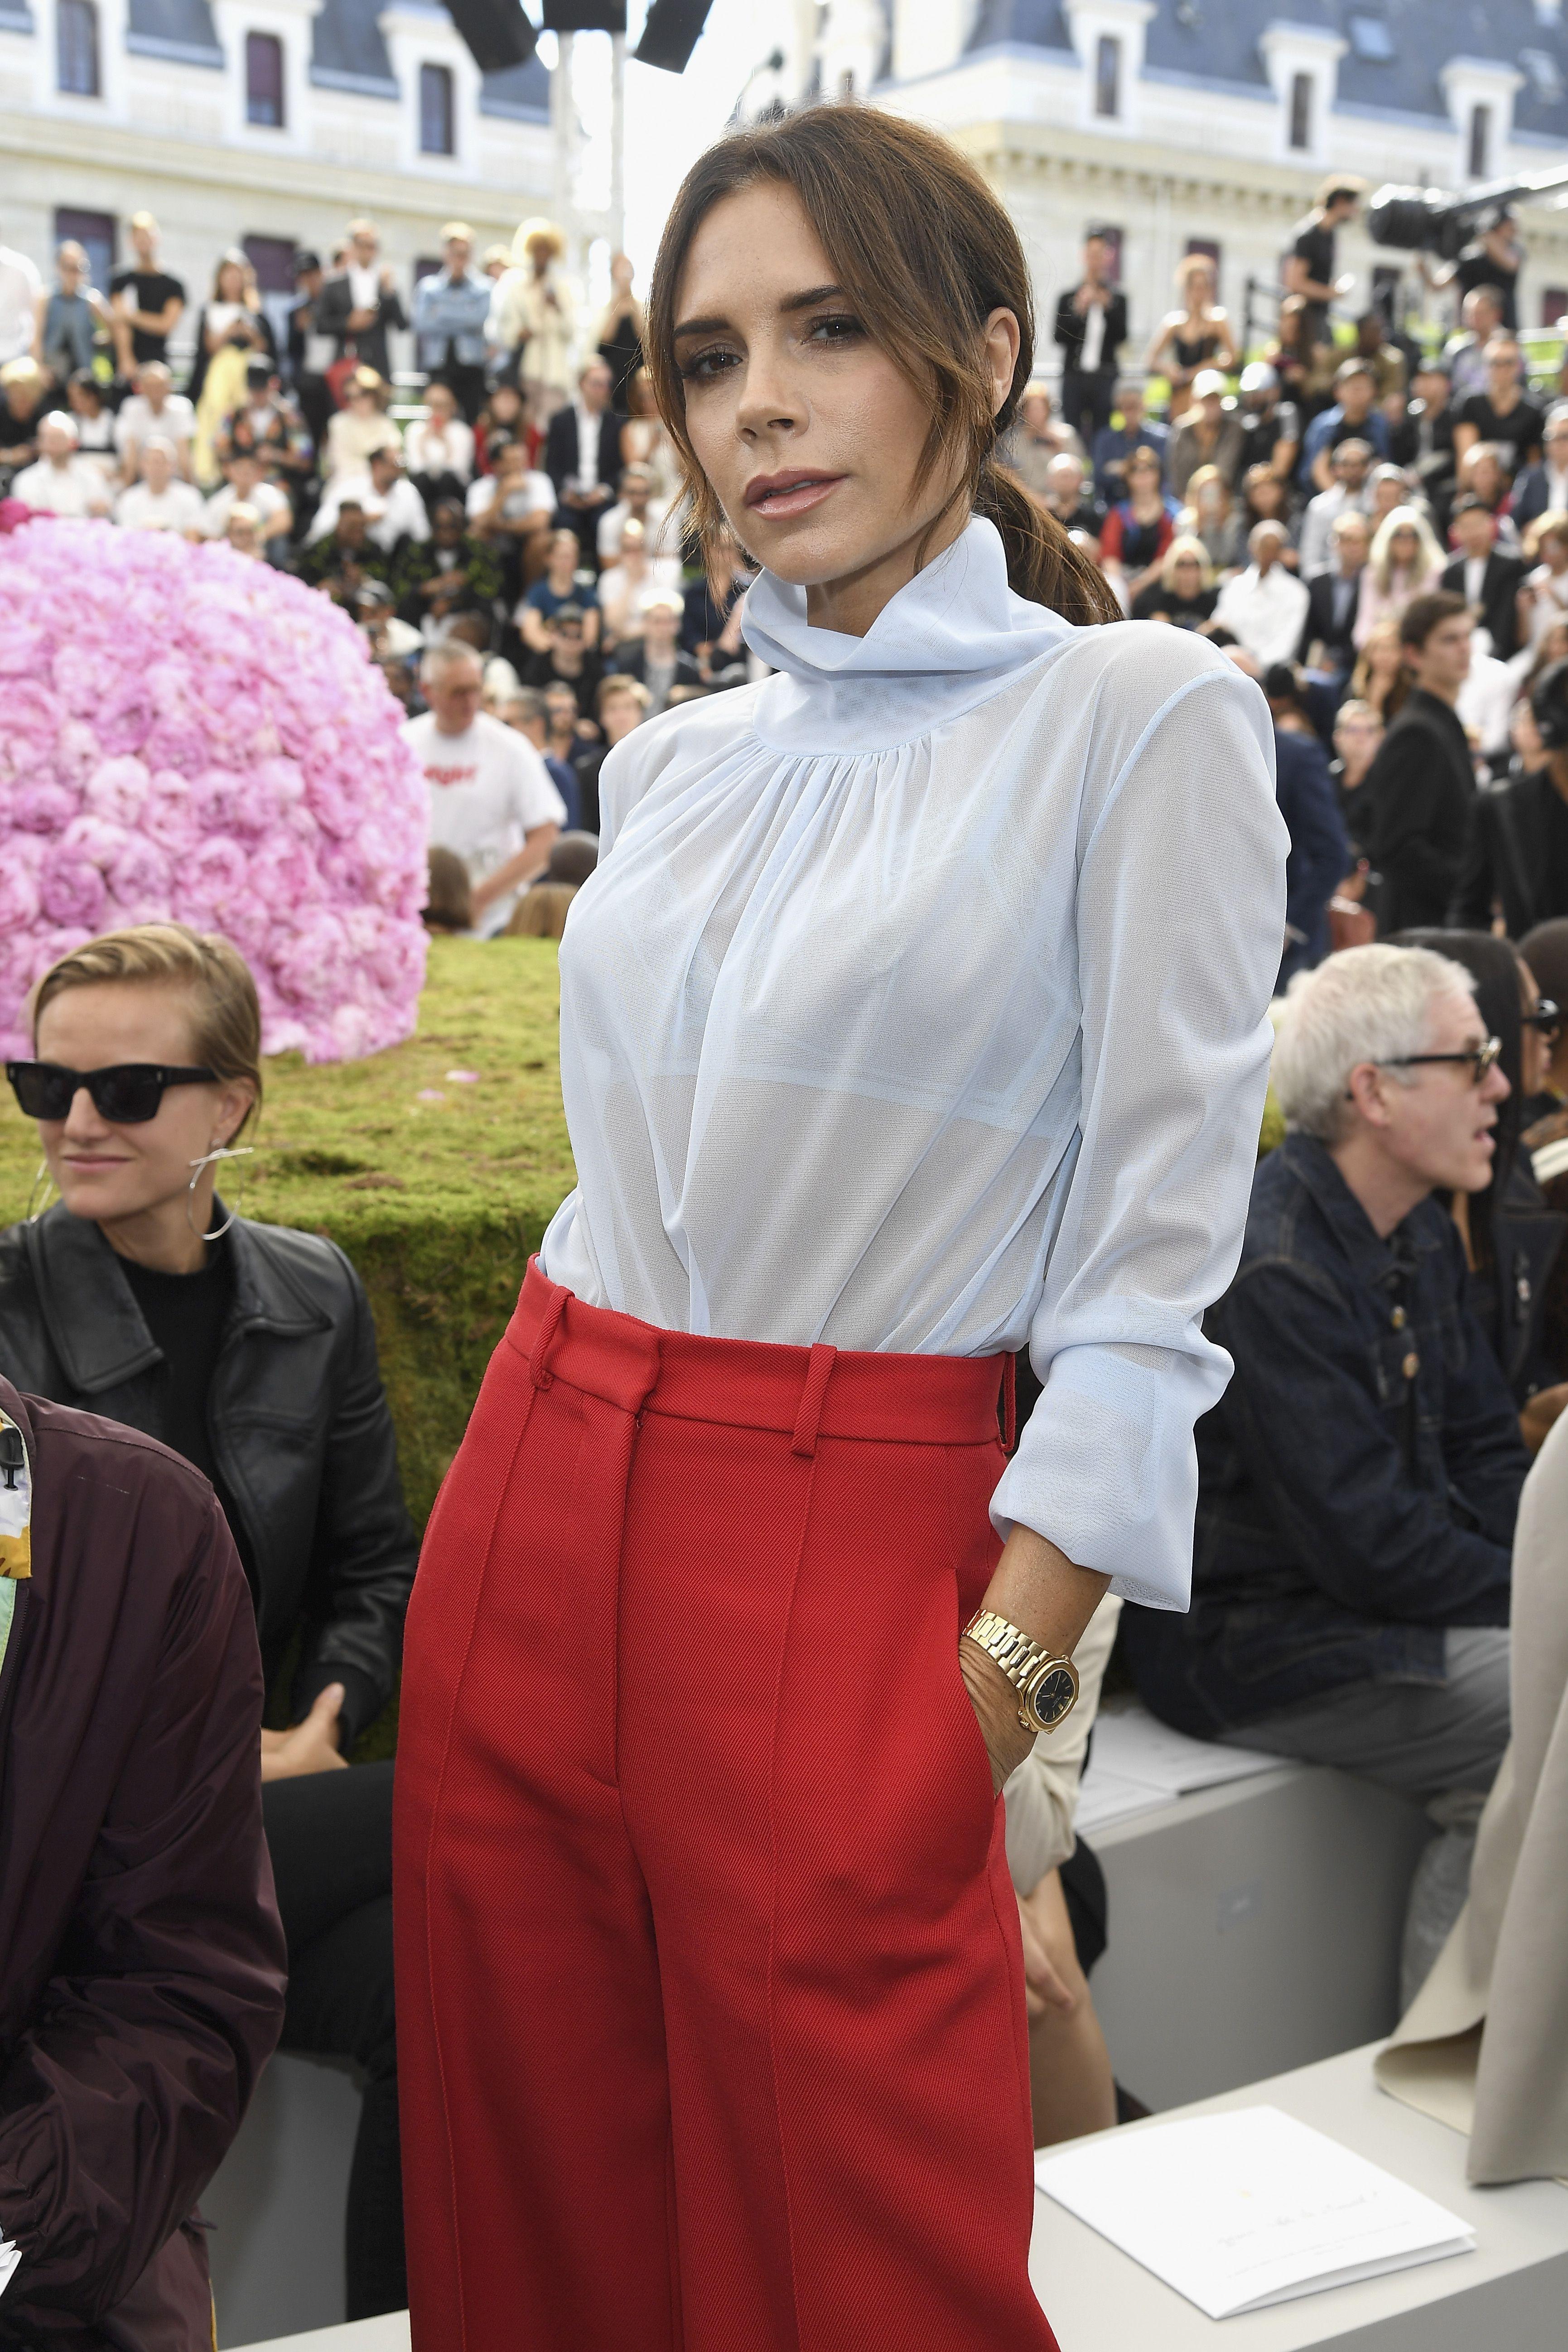 Victoria Beckham confirma que estas sandalias seguirán siendo tendencia este año pero en un nuevo color